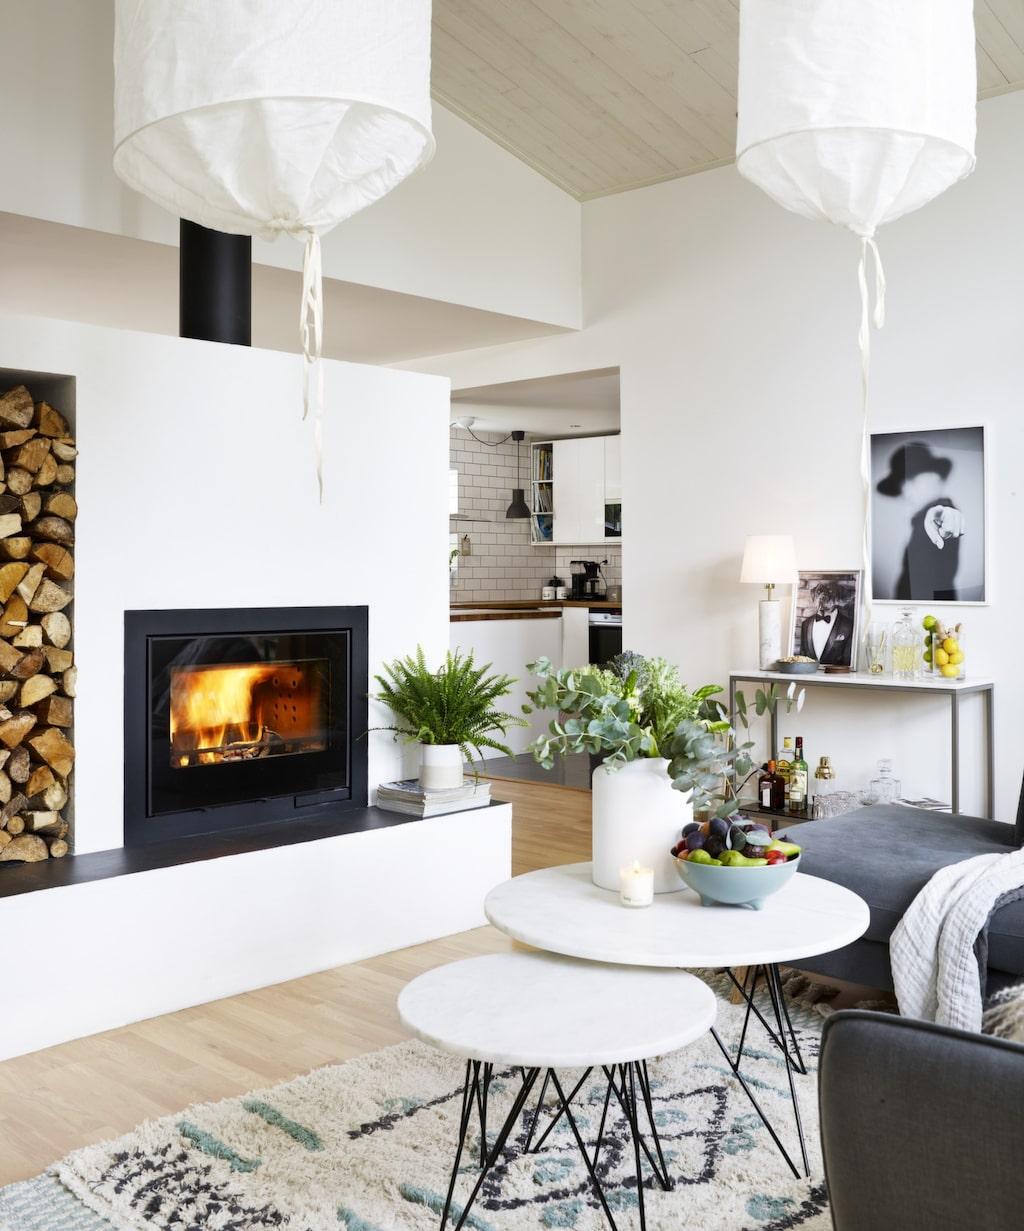 <p>Ombonat vardagsrum i vita toner. Mjuka textilier och runda soffbord och gröna växter mjukar upp de raka linjerna. </p>